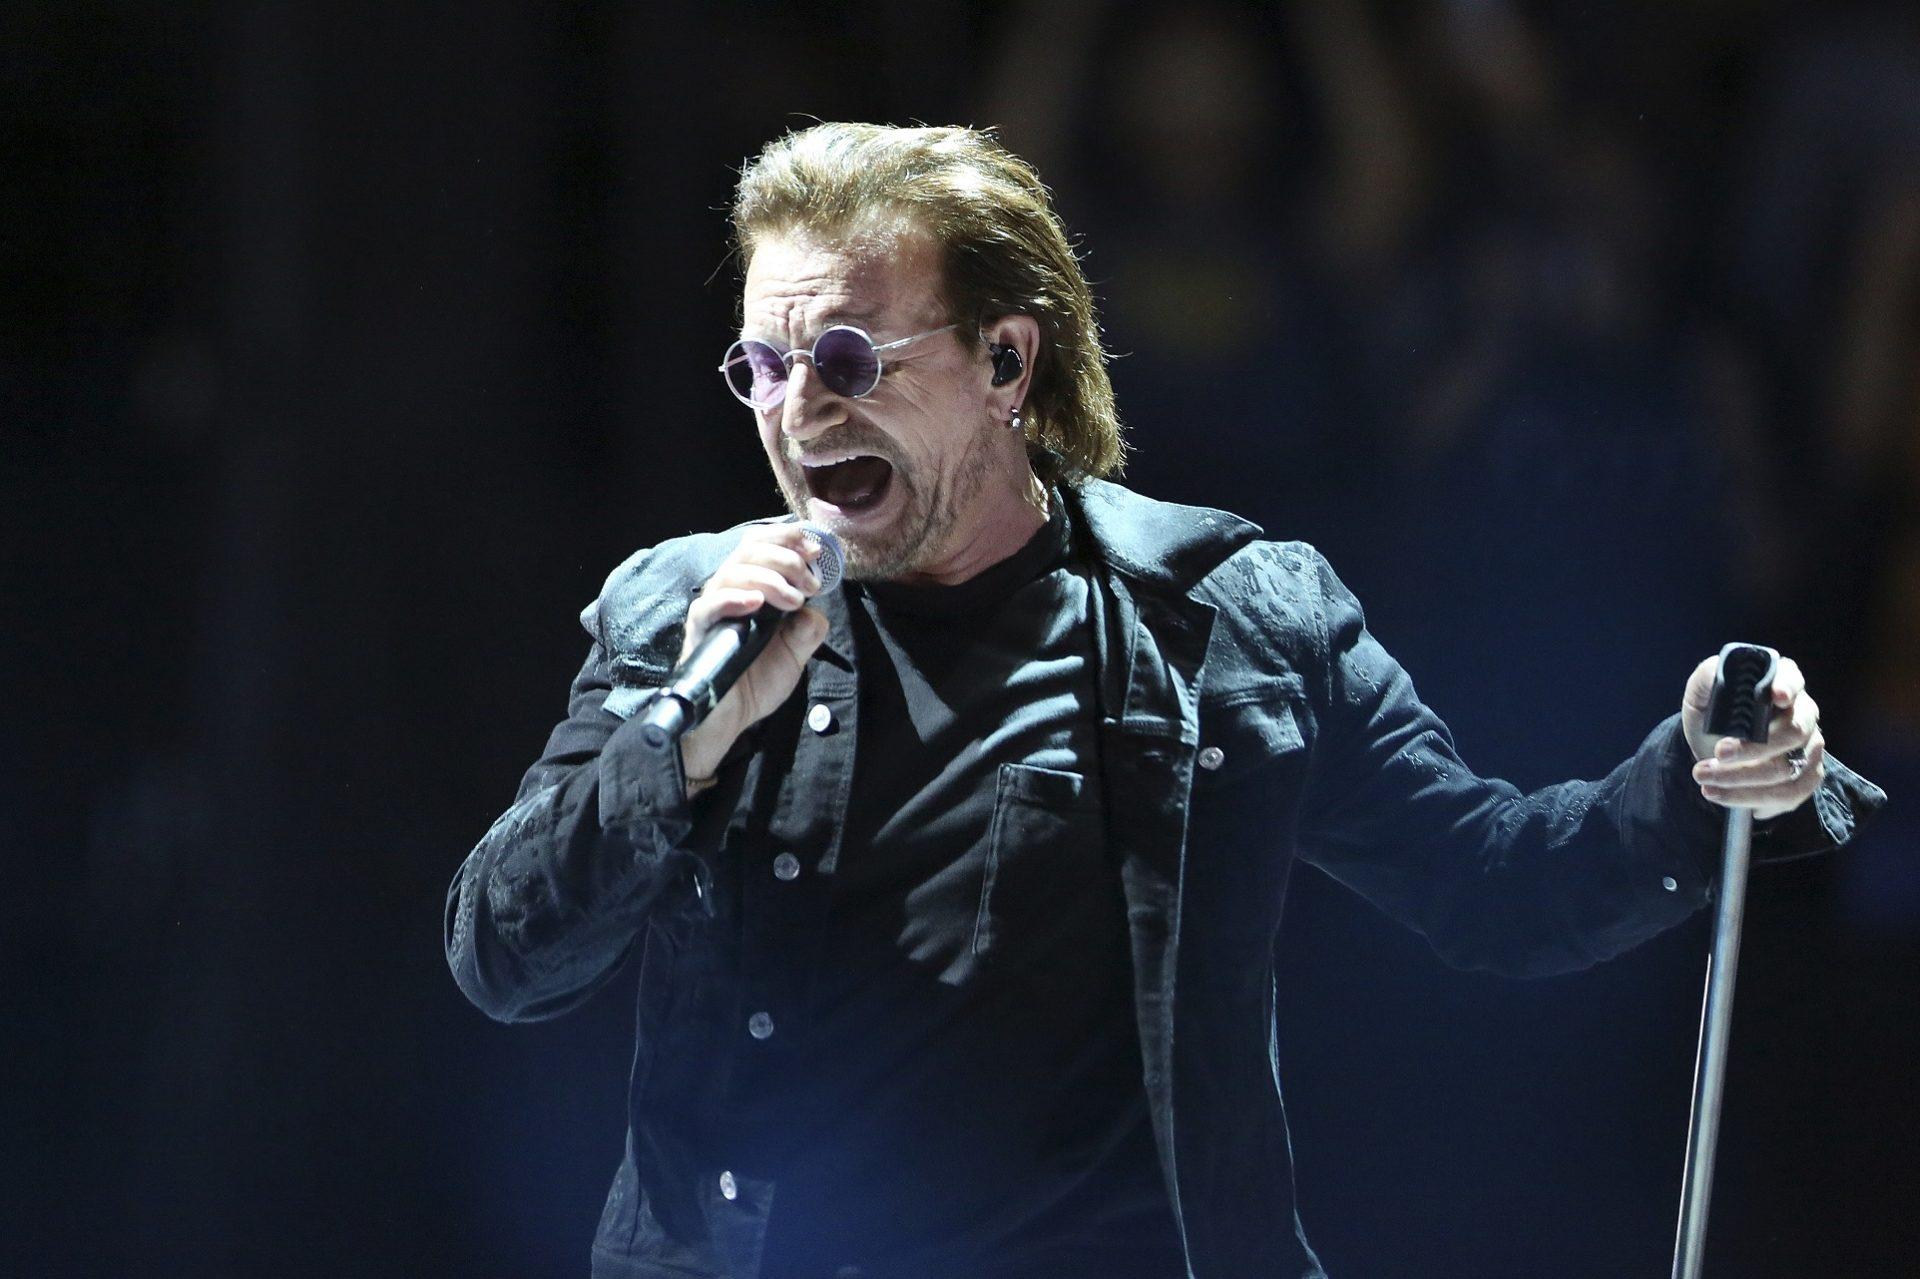 U2 lead singer Bono performs in Paris